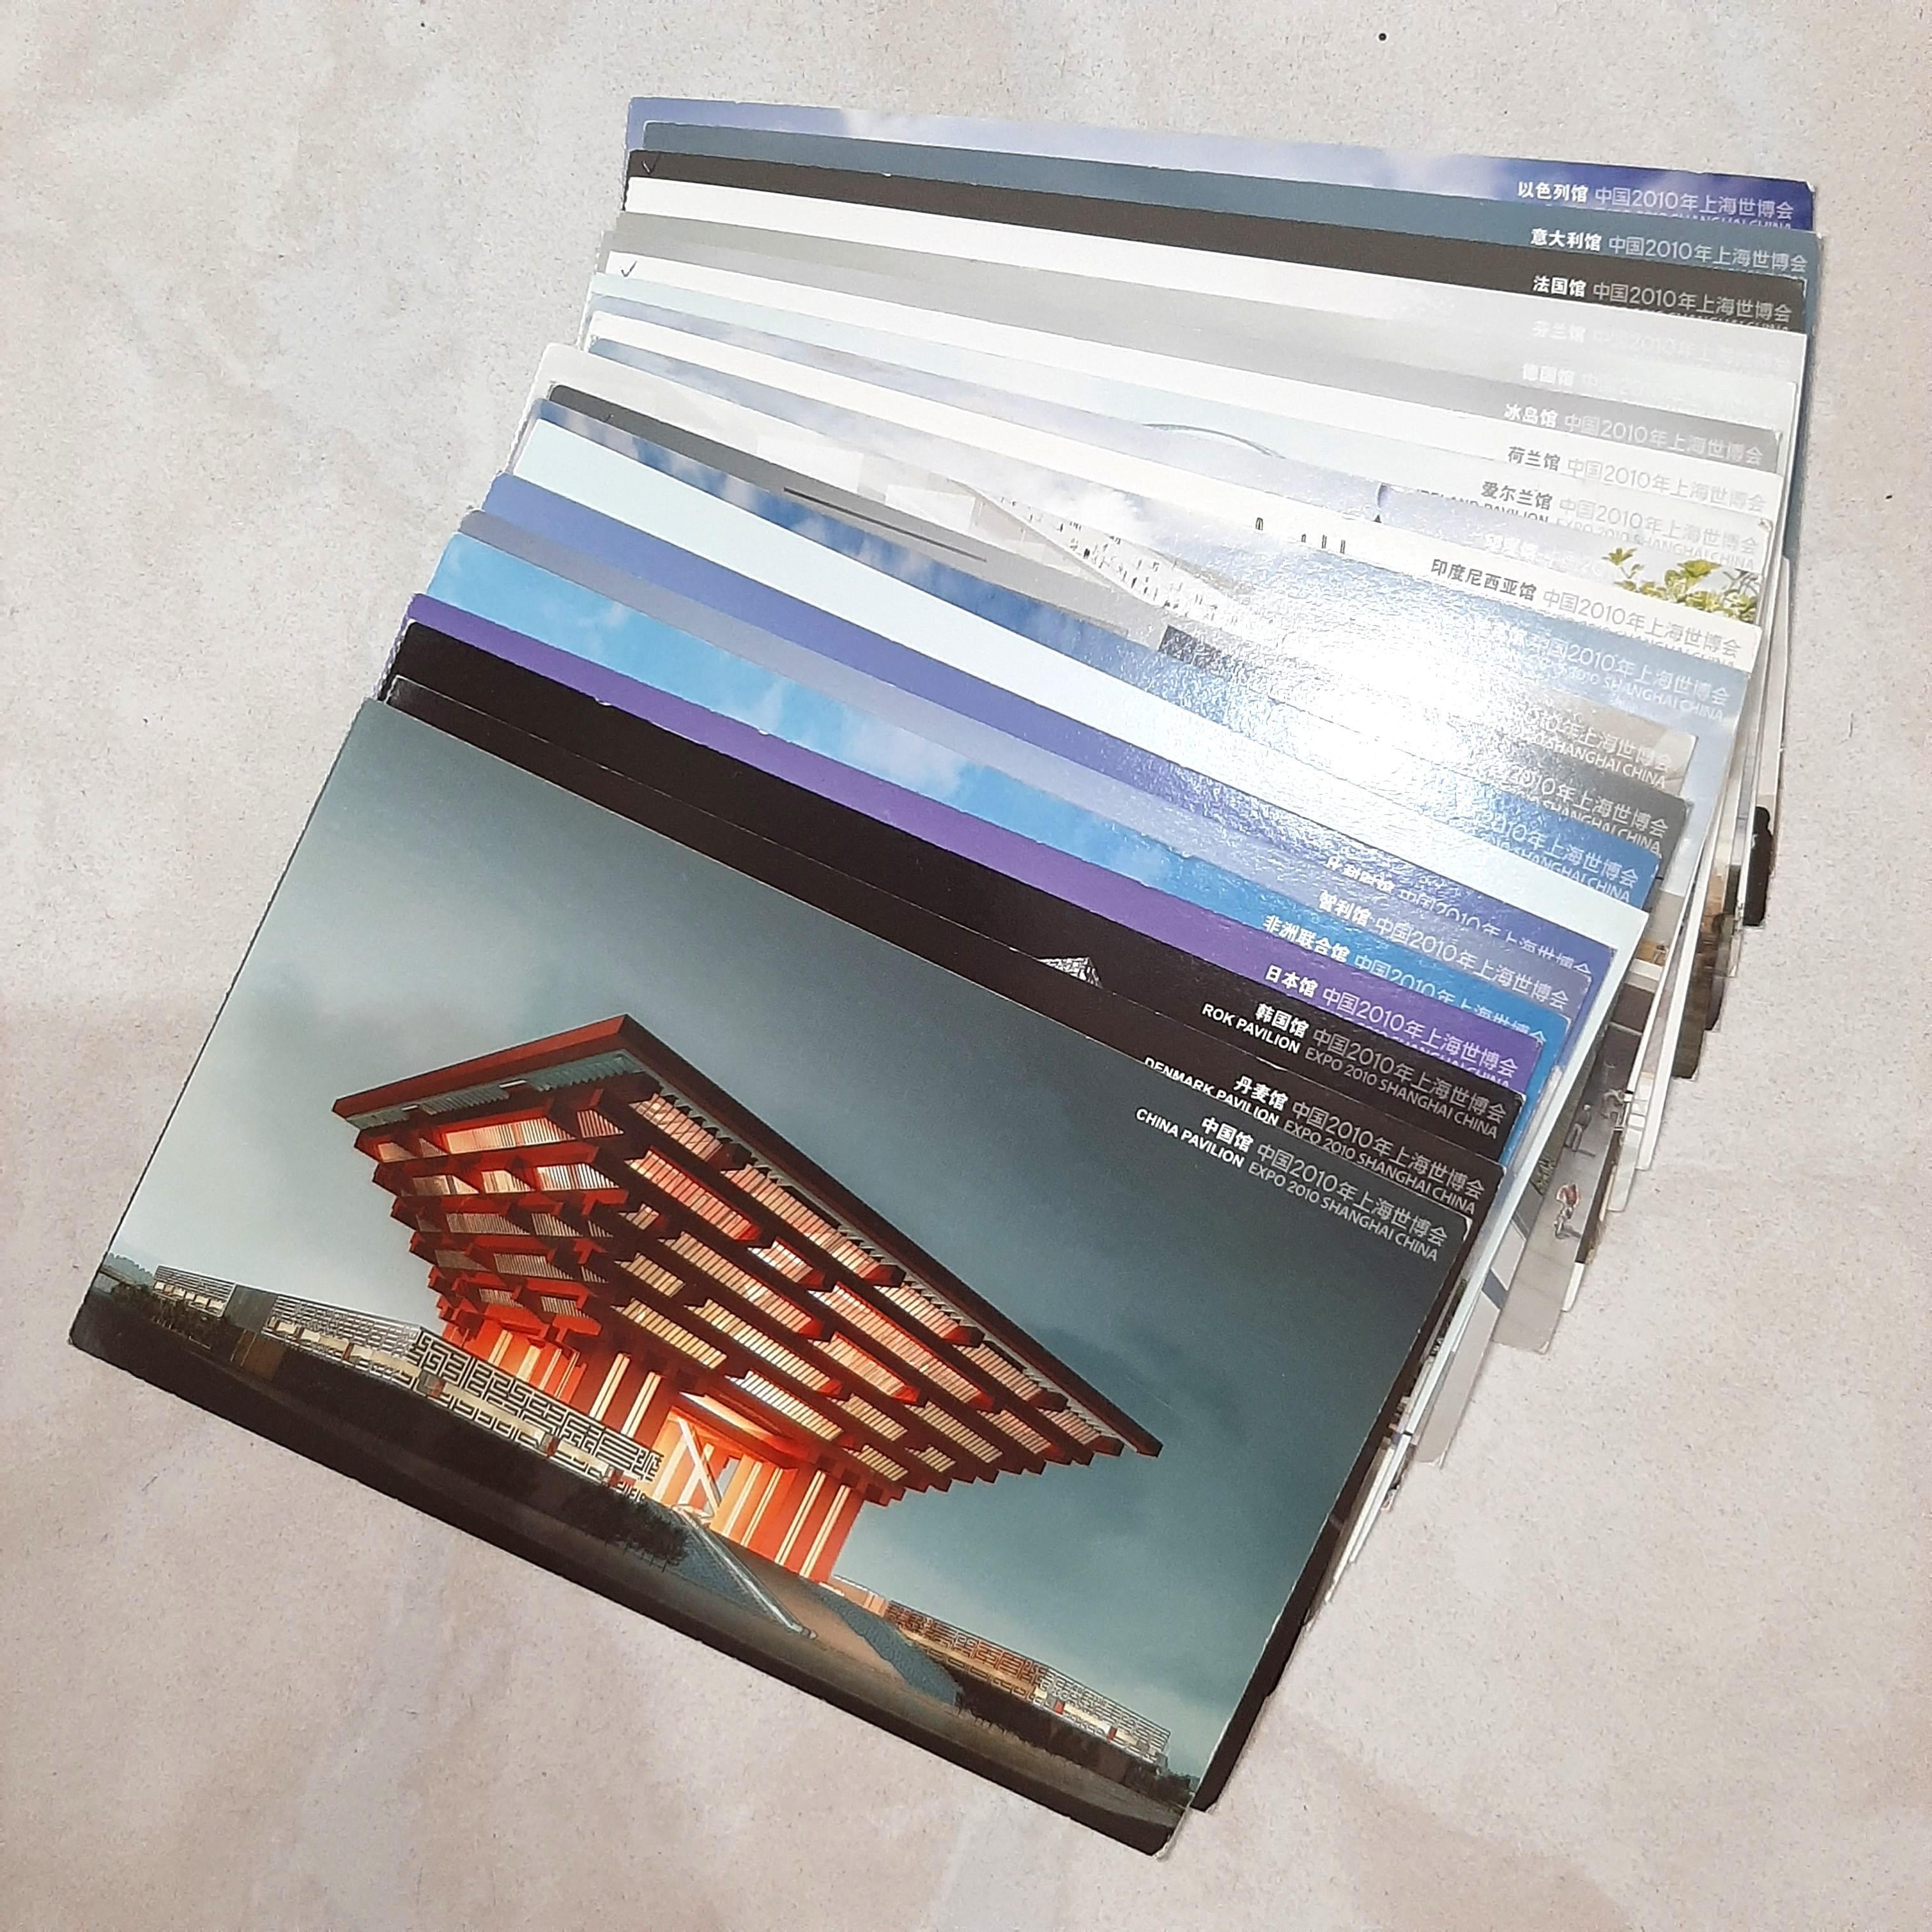 中國2010年上海世博會建築展館明信片 22張